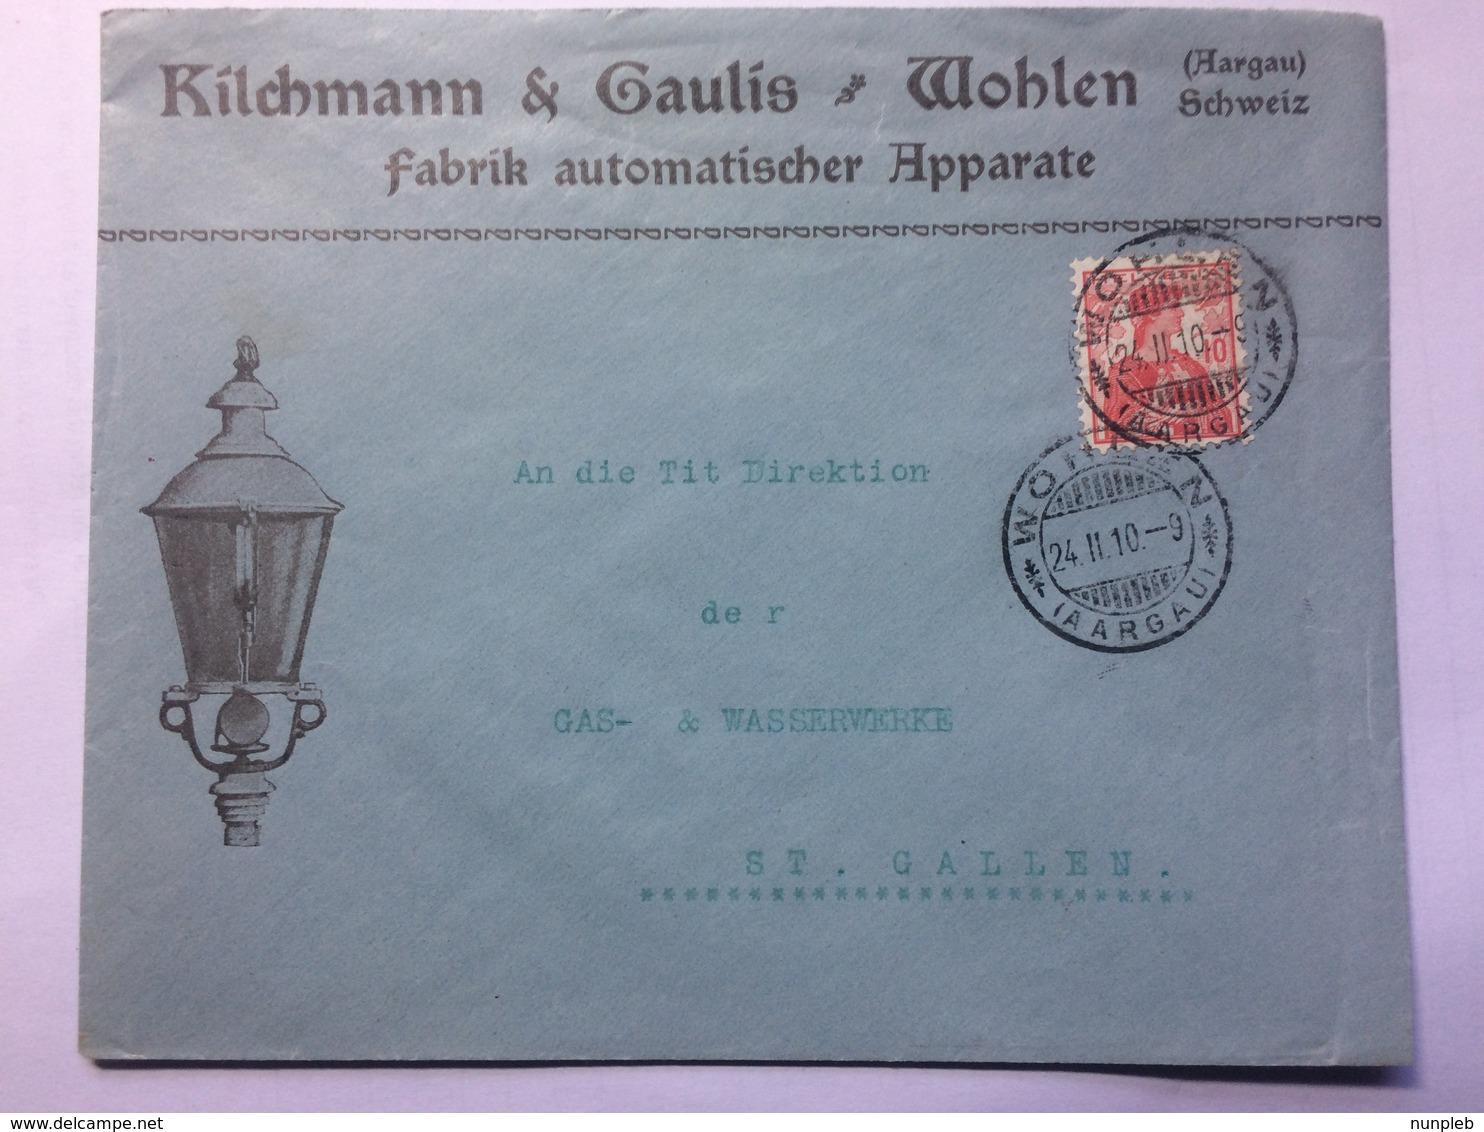 SWITZERLAND 1910 Cover `Kilchmann & Caulis` Wohlen To St. Gallen With Gas Light Illustration - Schweiz